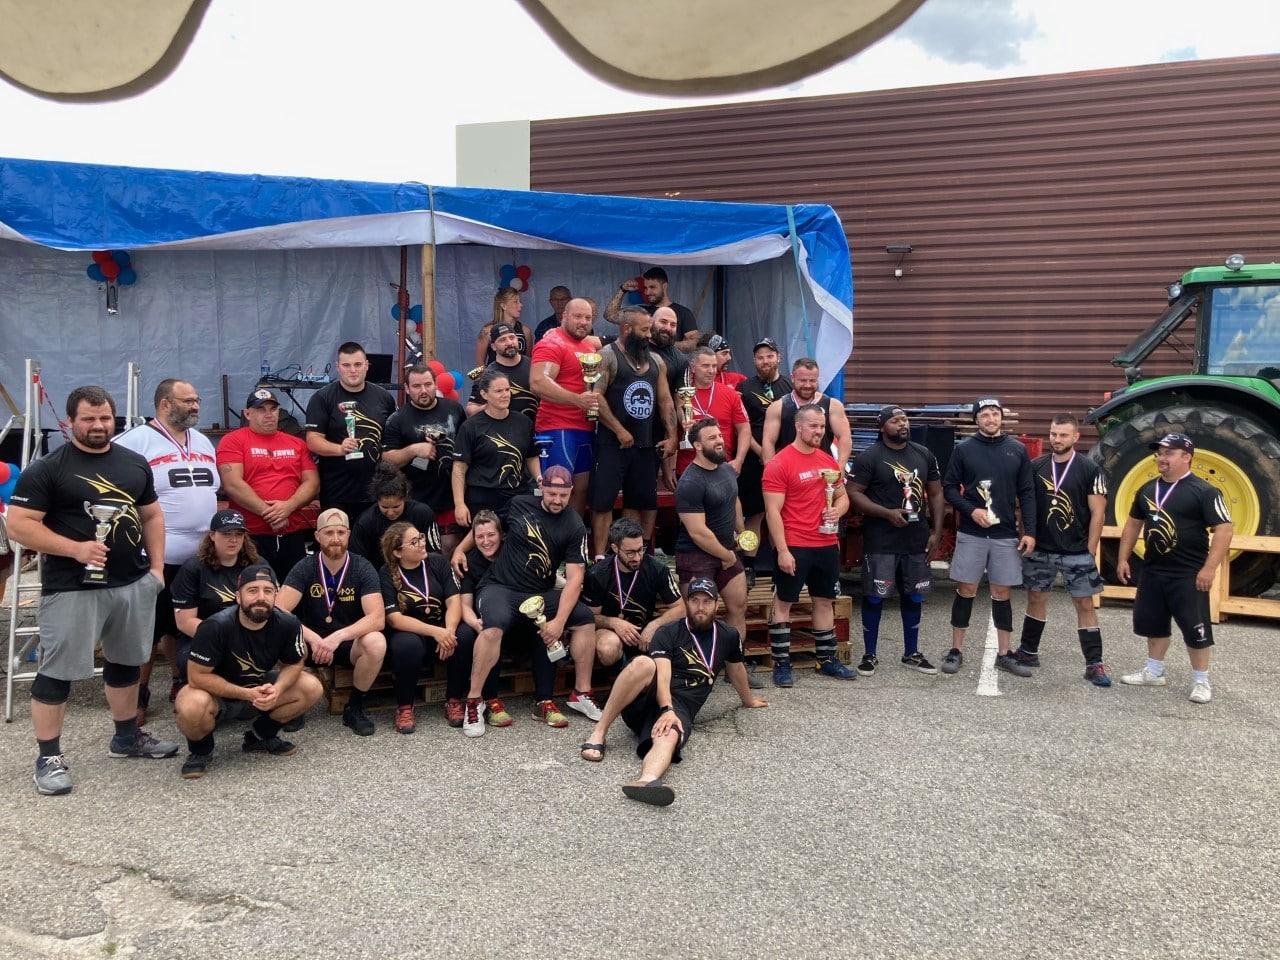 51 athlètes de STROGMAN réunis lors du Championnat de France et du stage sportif ISOstéo Lyon